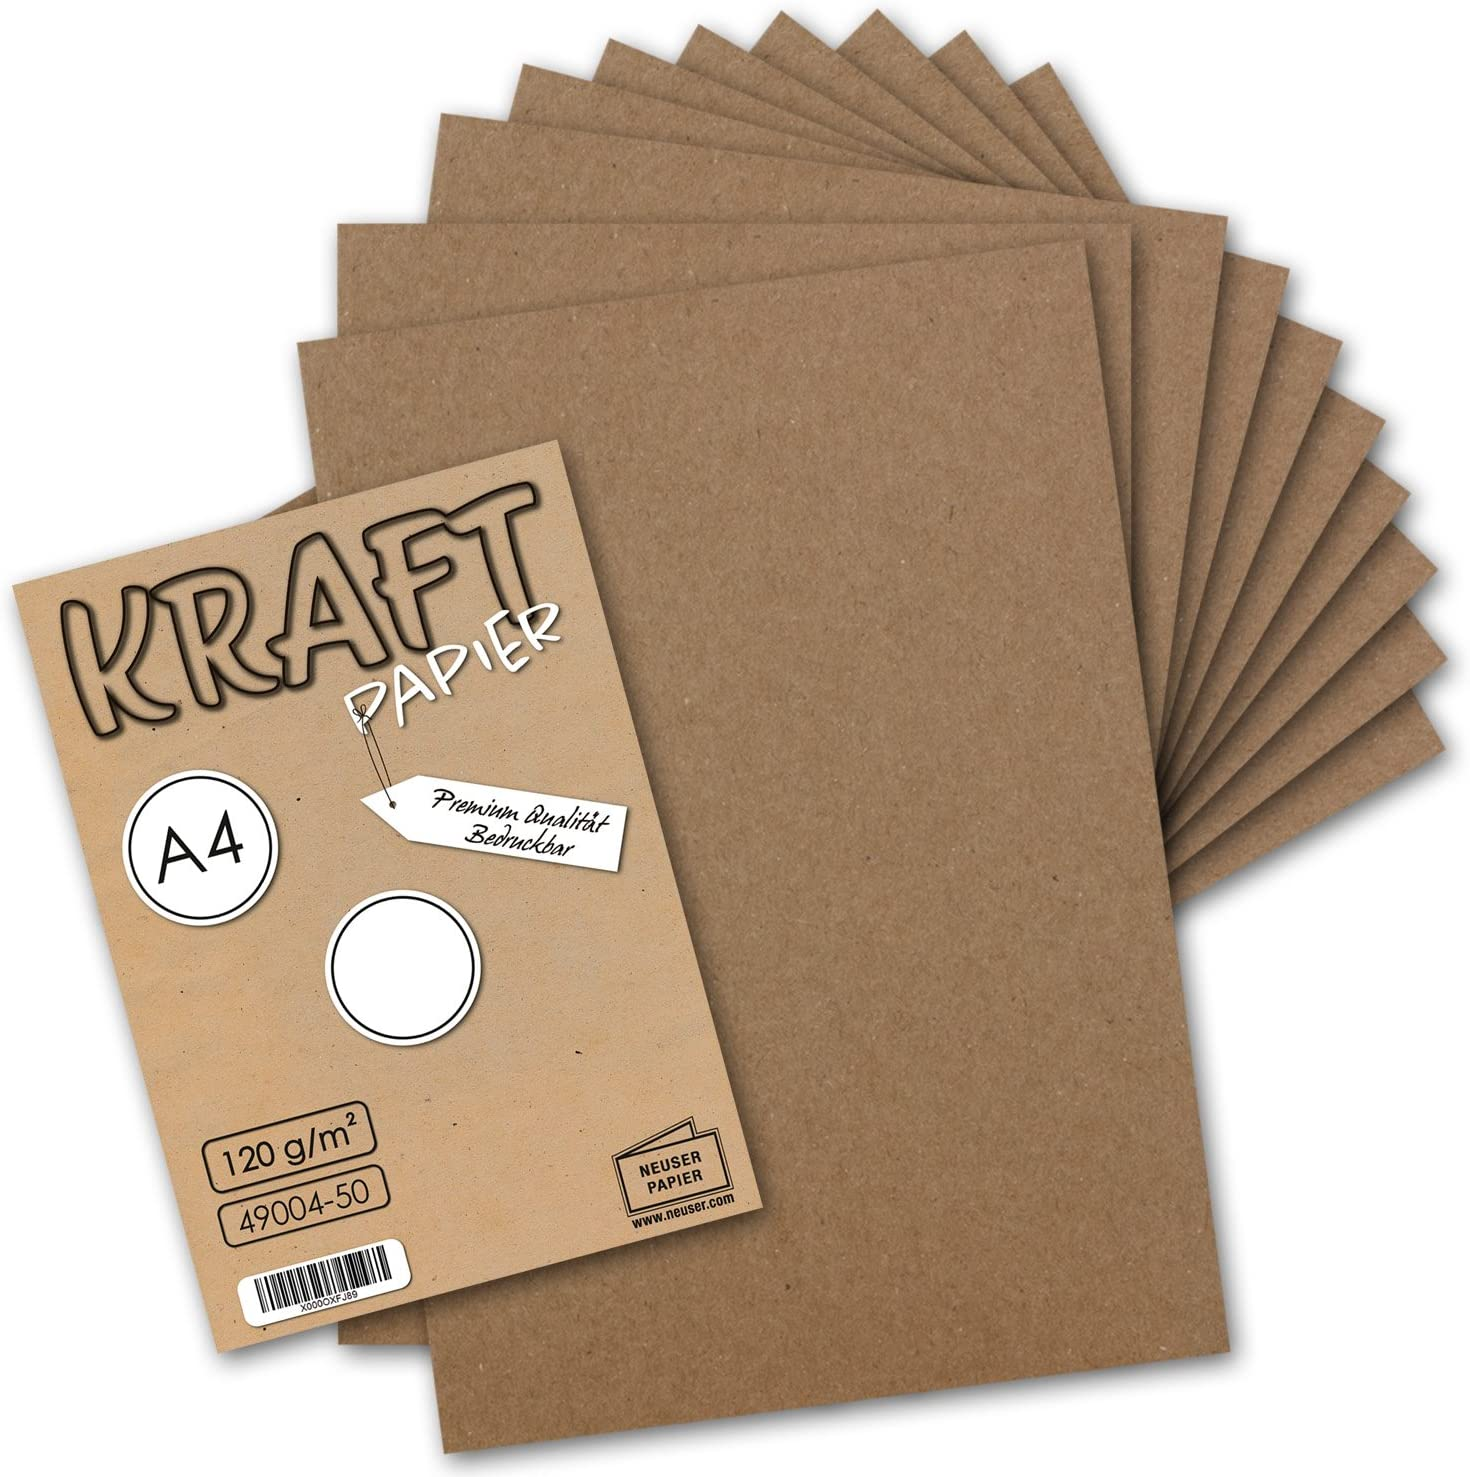 Foglio Lettera Biologico 100/% Ambientale di Gustav Neuser 50 Fogli di Carta Kraft I dellAnnata A4 120 g m Natura Marrone riciclati